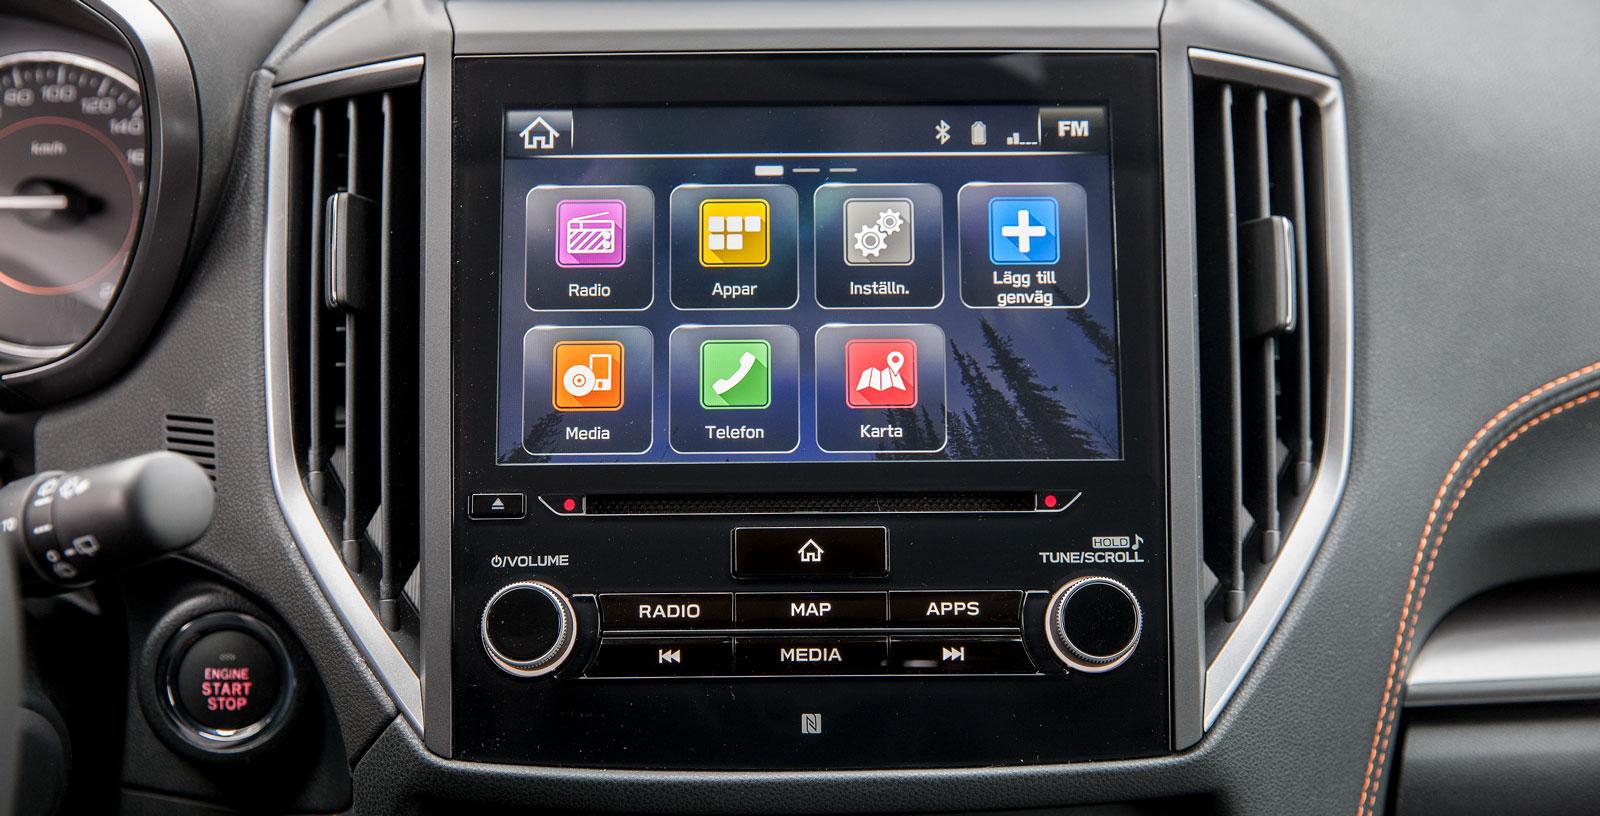 Subaru har ett avancerat system som är standard i XV Summit. Det kan ta lite tid att lära sig till fullo men ger rikliga möjligheter och har klar grafik. Bra knappar.